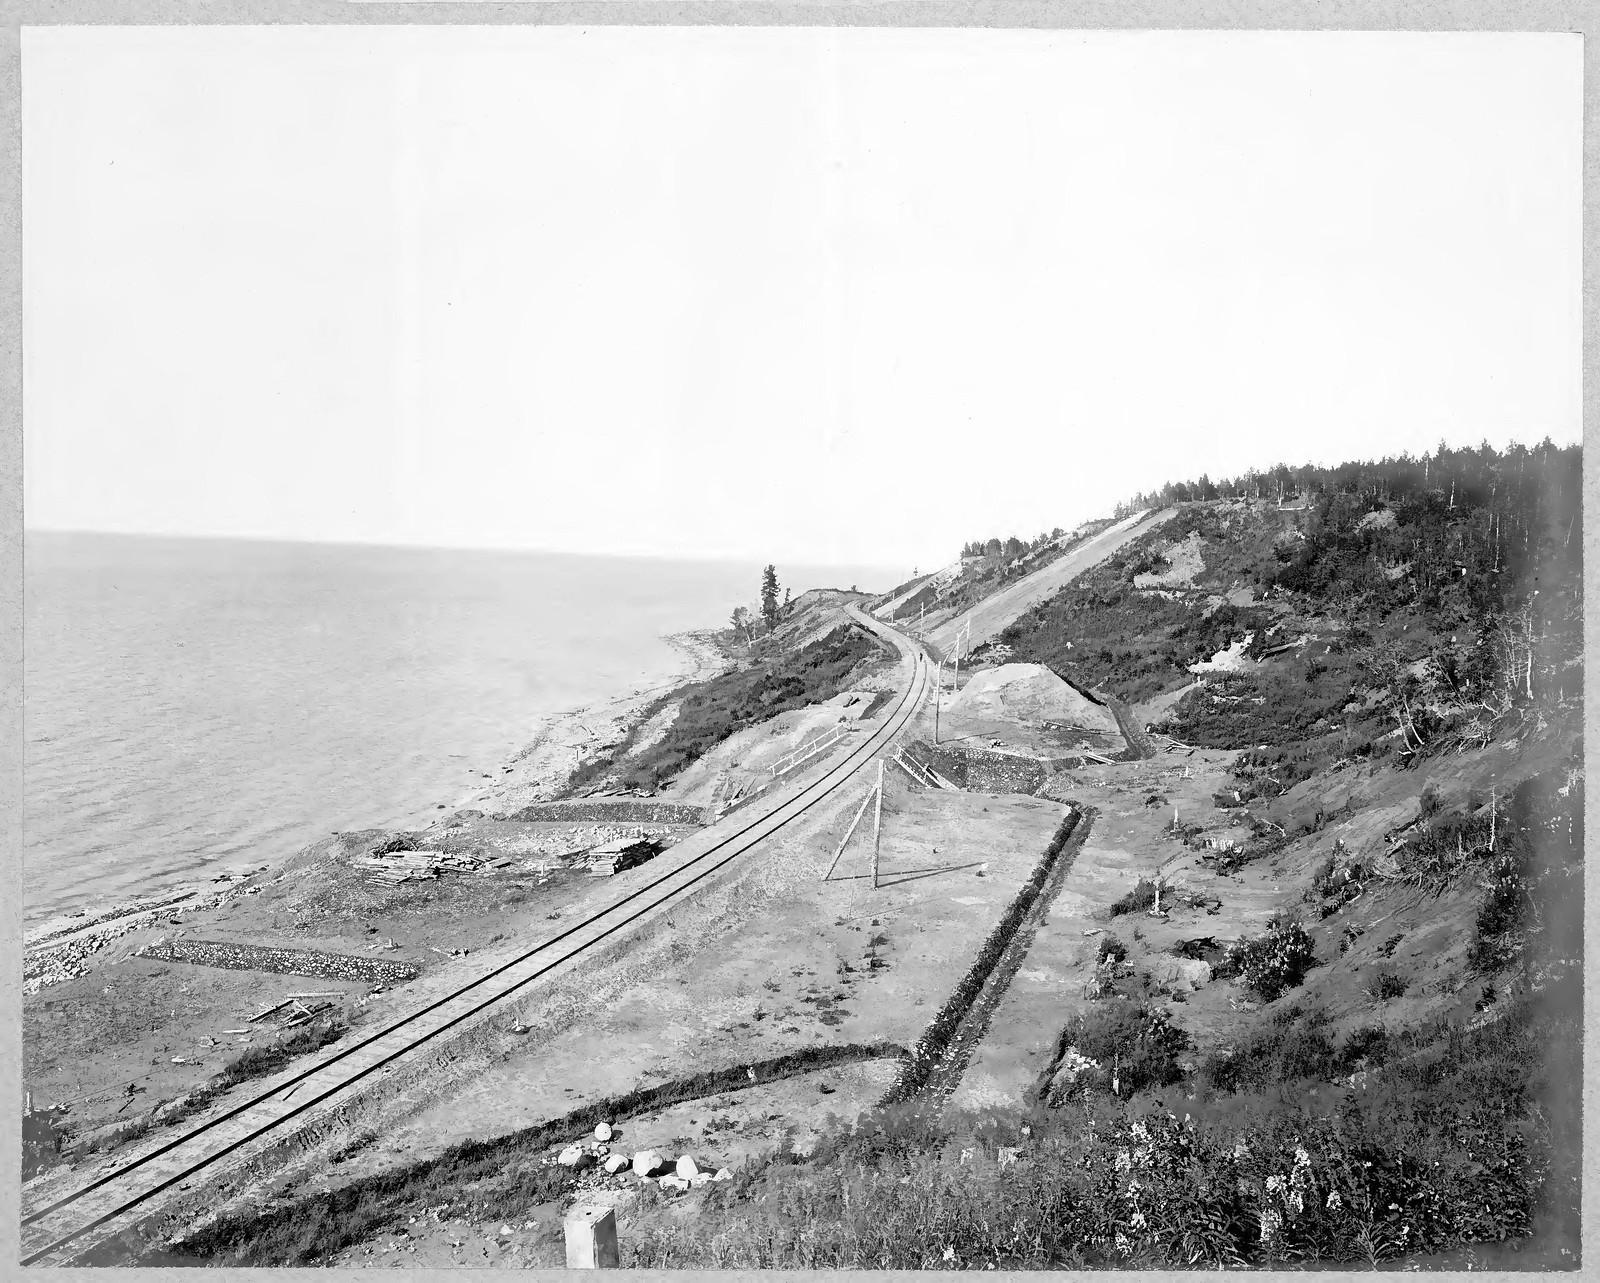 47. Вид участка железной дороги вдоль озера Байкал